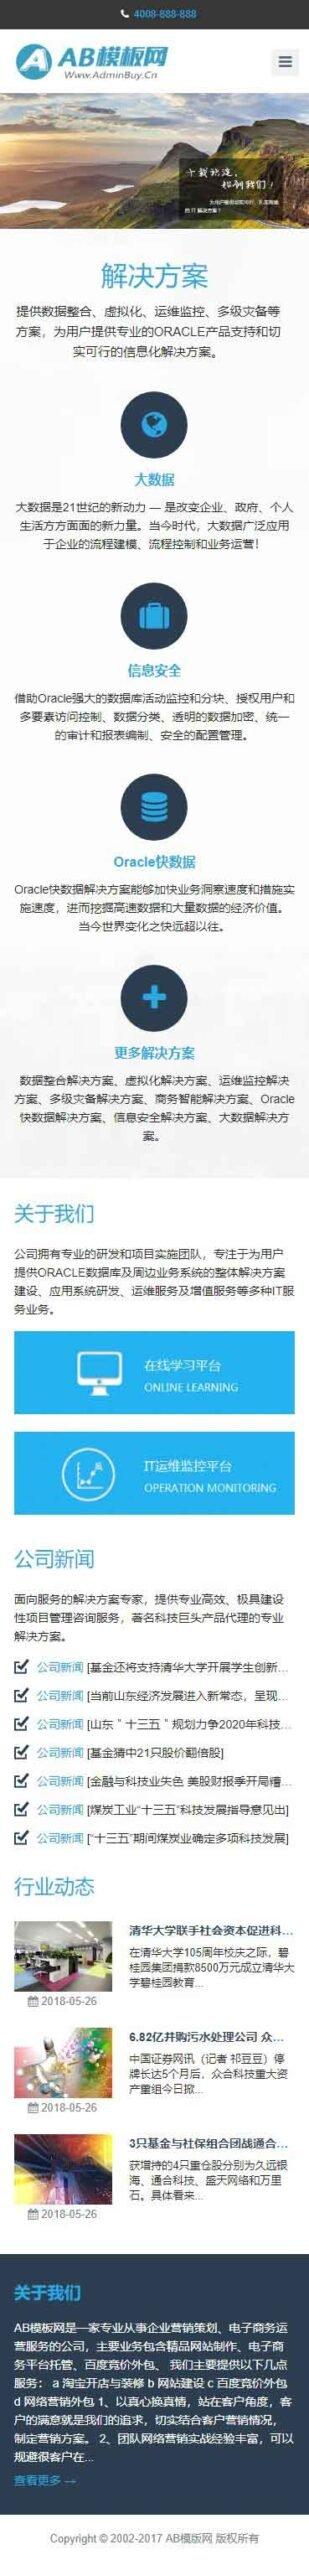 科技企业网站织梦dede模板源码[自适应手机版]插图1